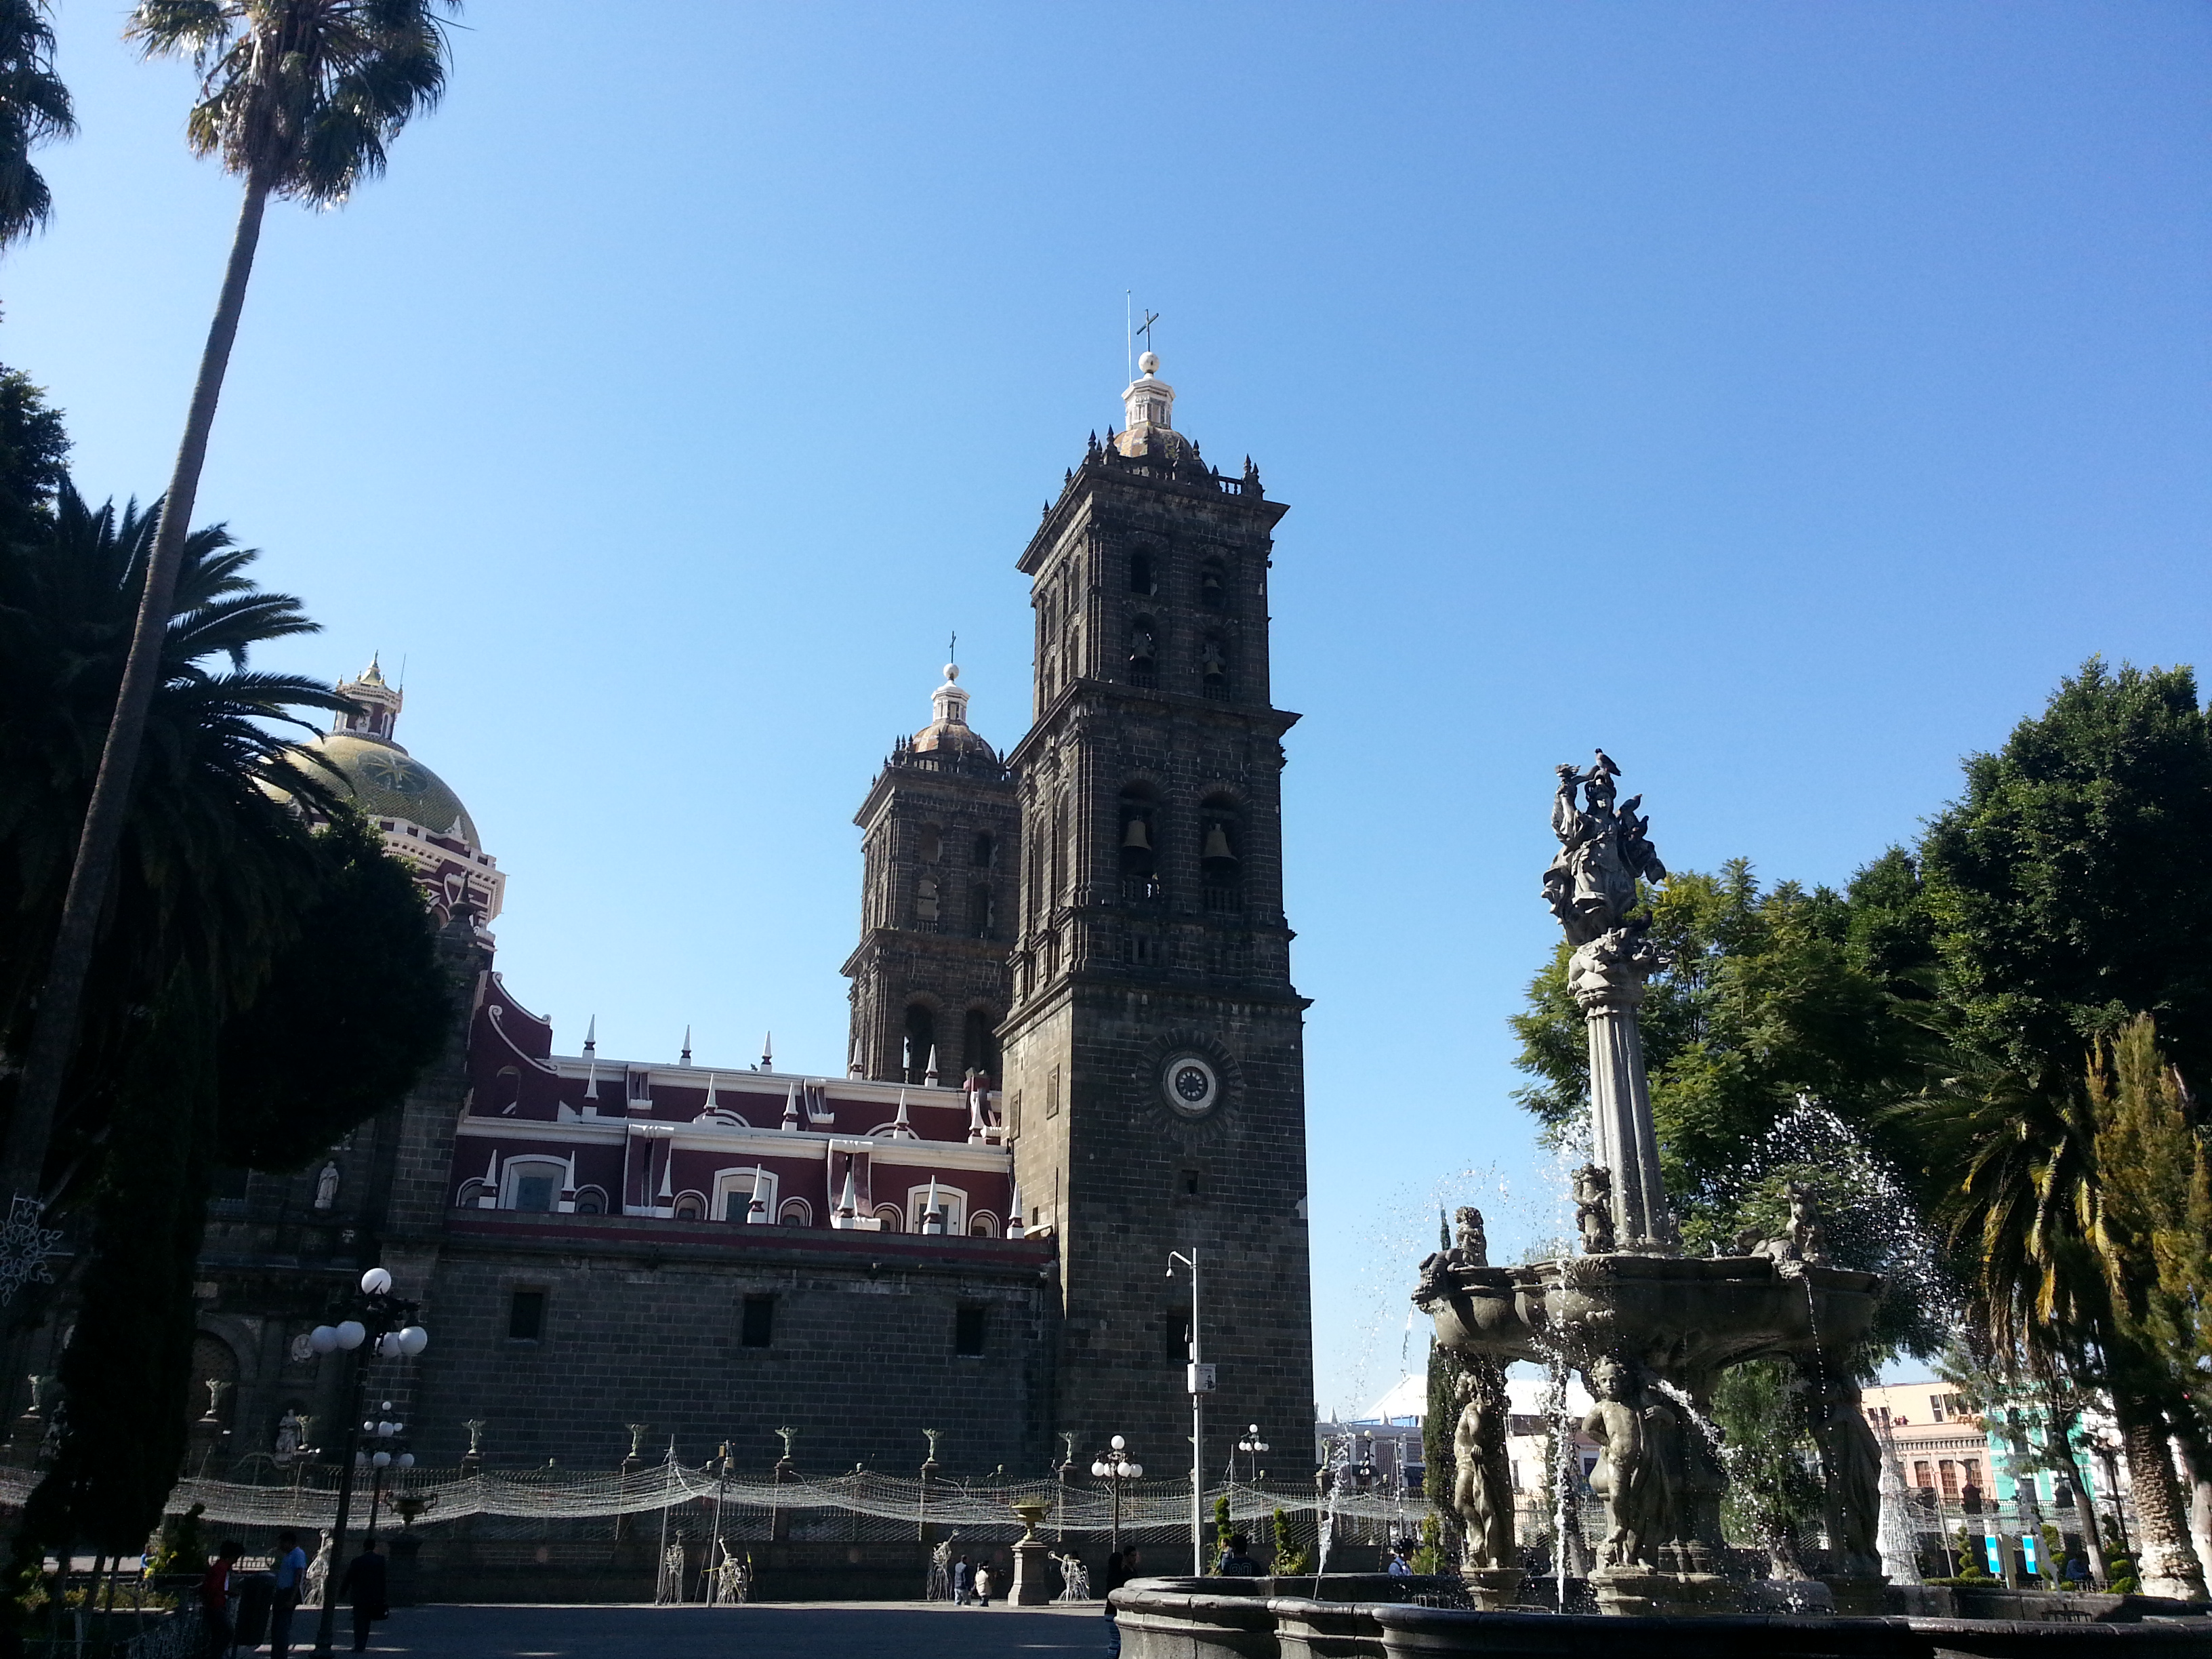 vista de la fuente de San Miguel Arcángel frente a la Catedral de Puebla